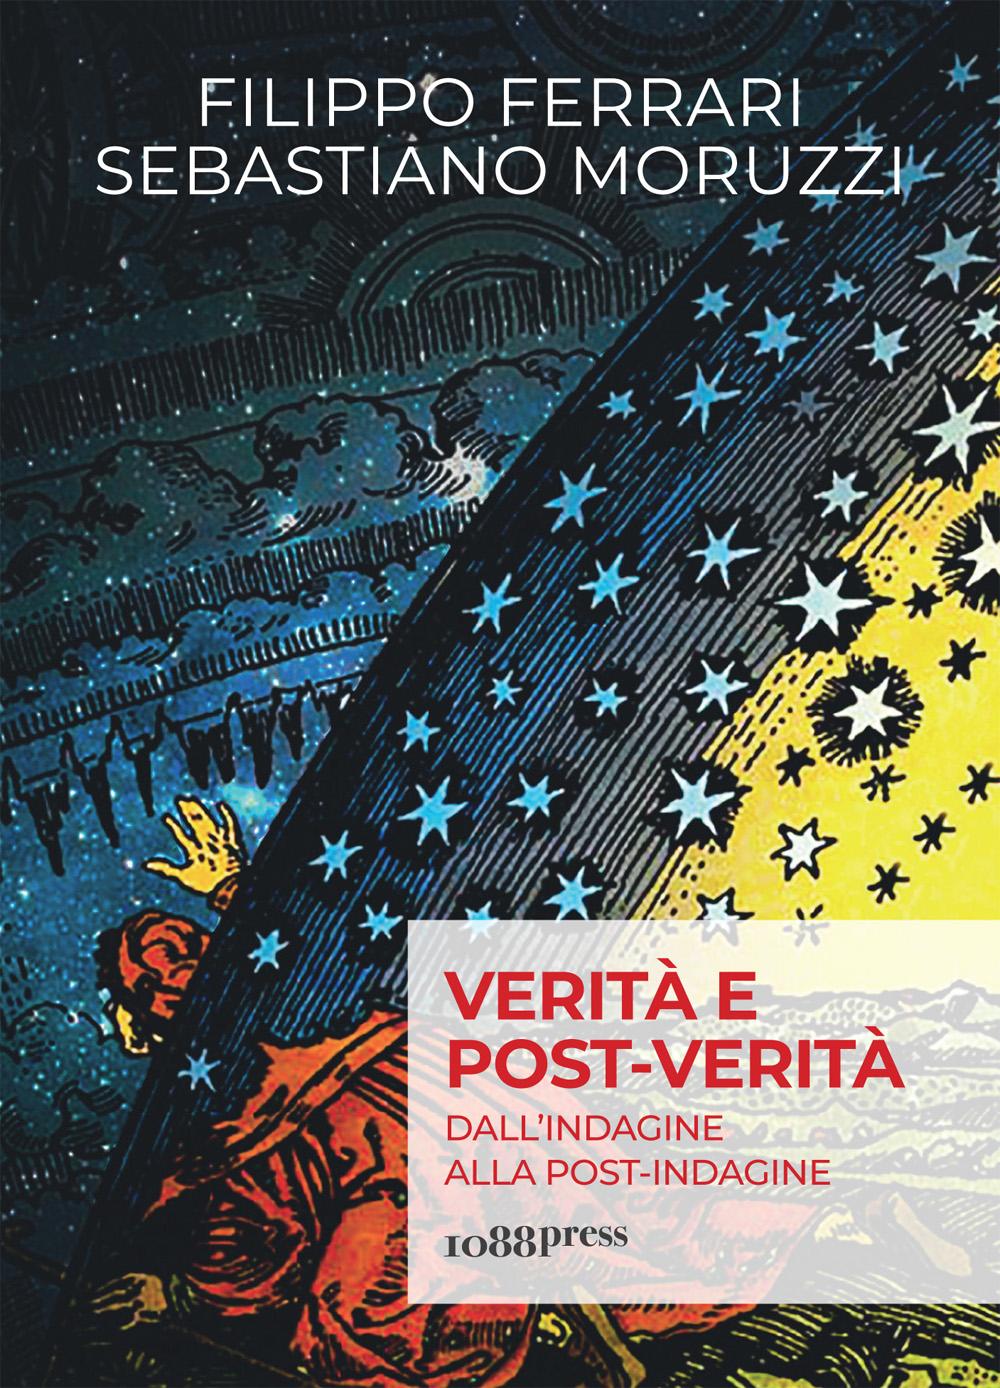 Verità e post-verità - Bononia University Press